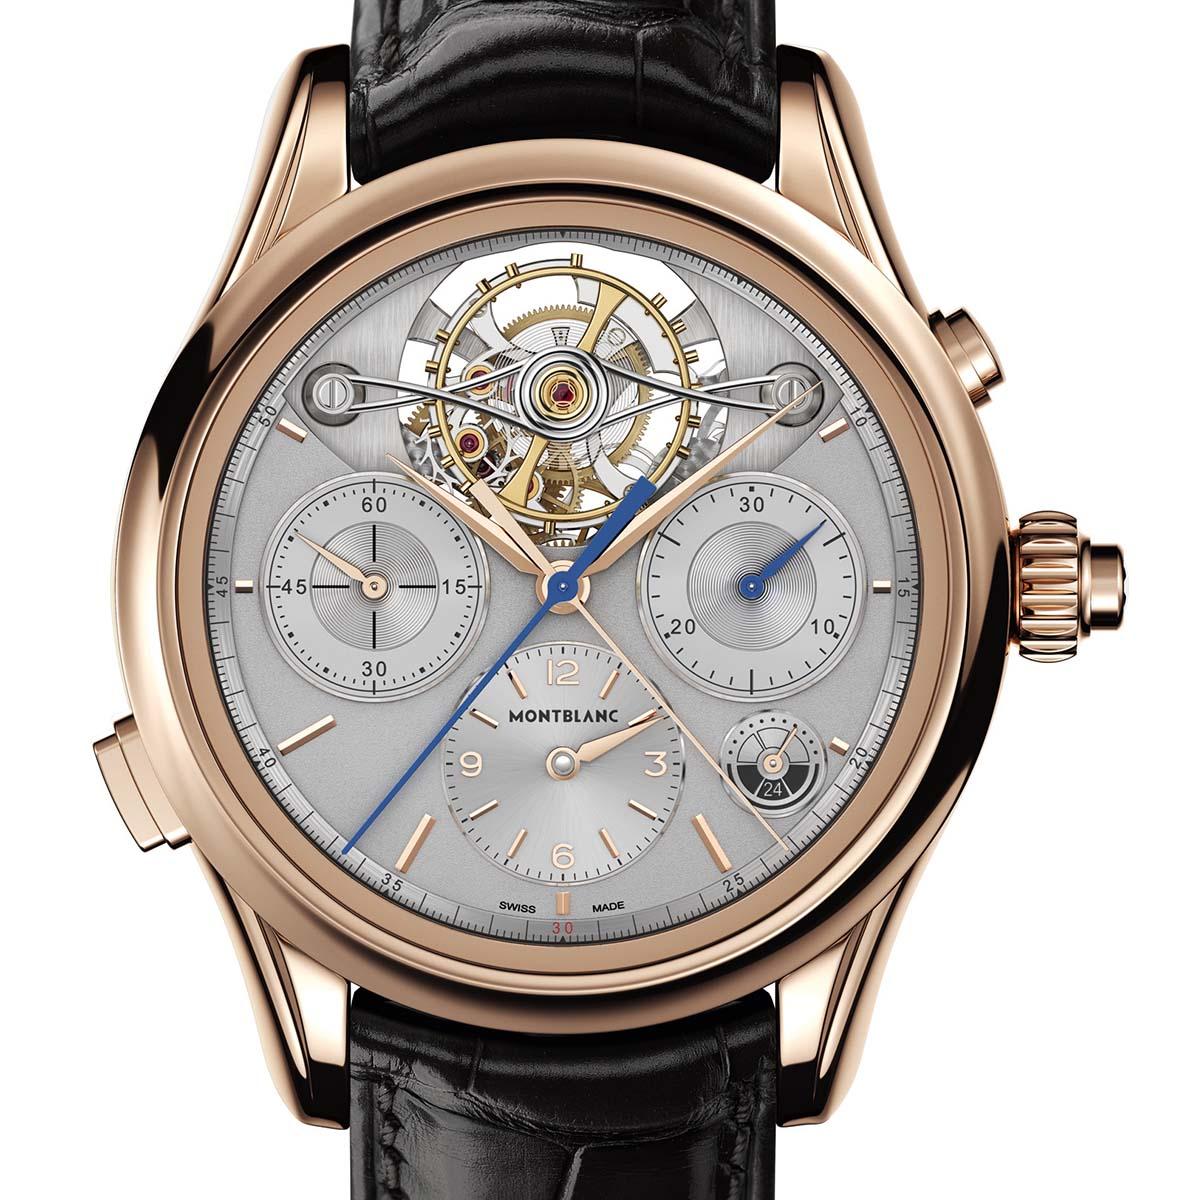 La Cote des Montres : Photo - Montblanc Heritage Chronométrie ExoTourbillon Rattrapante Limited Edition 8